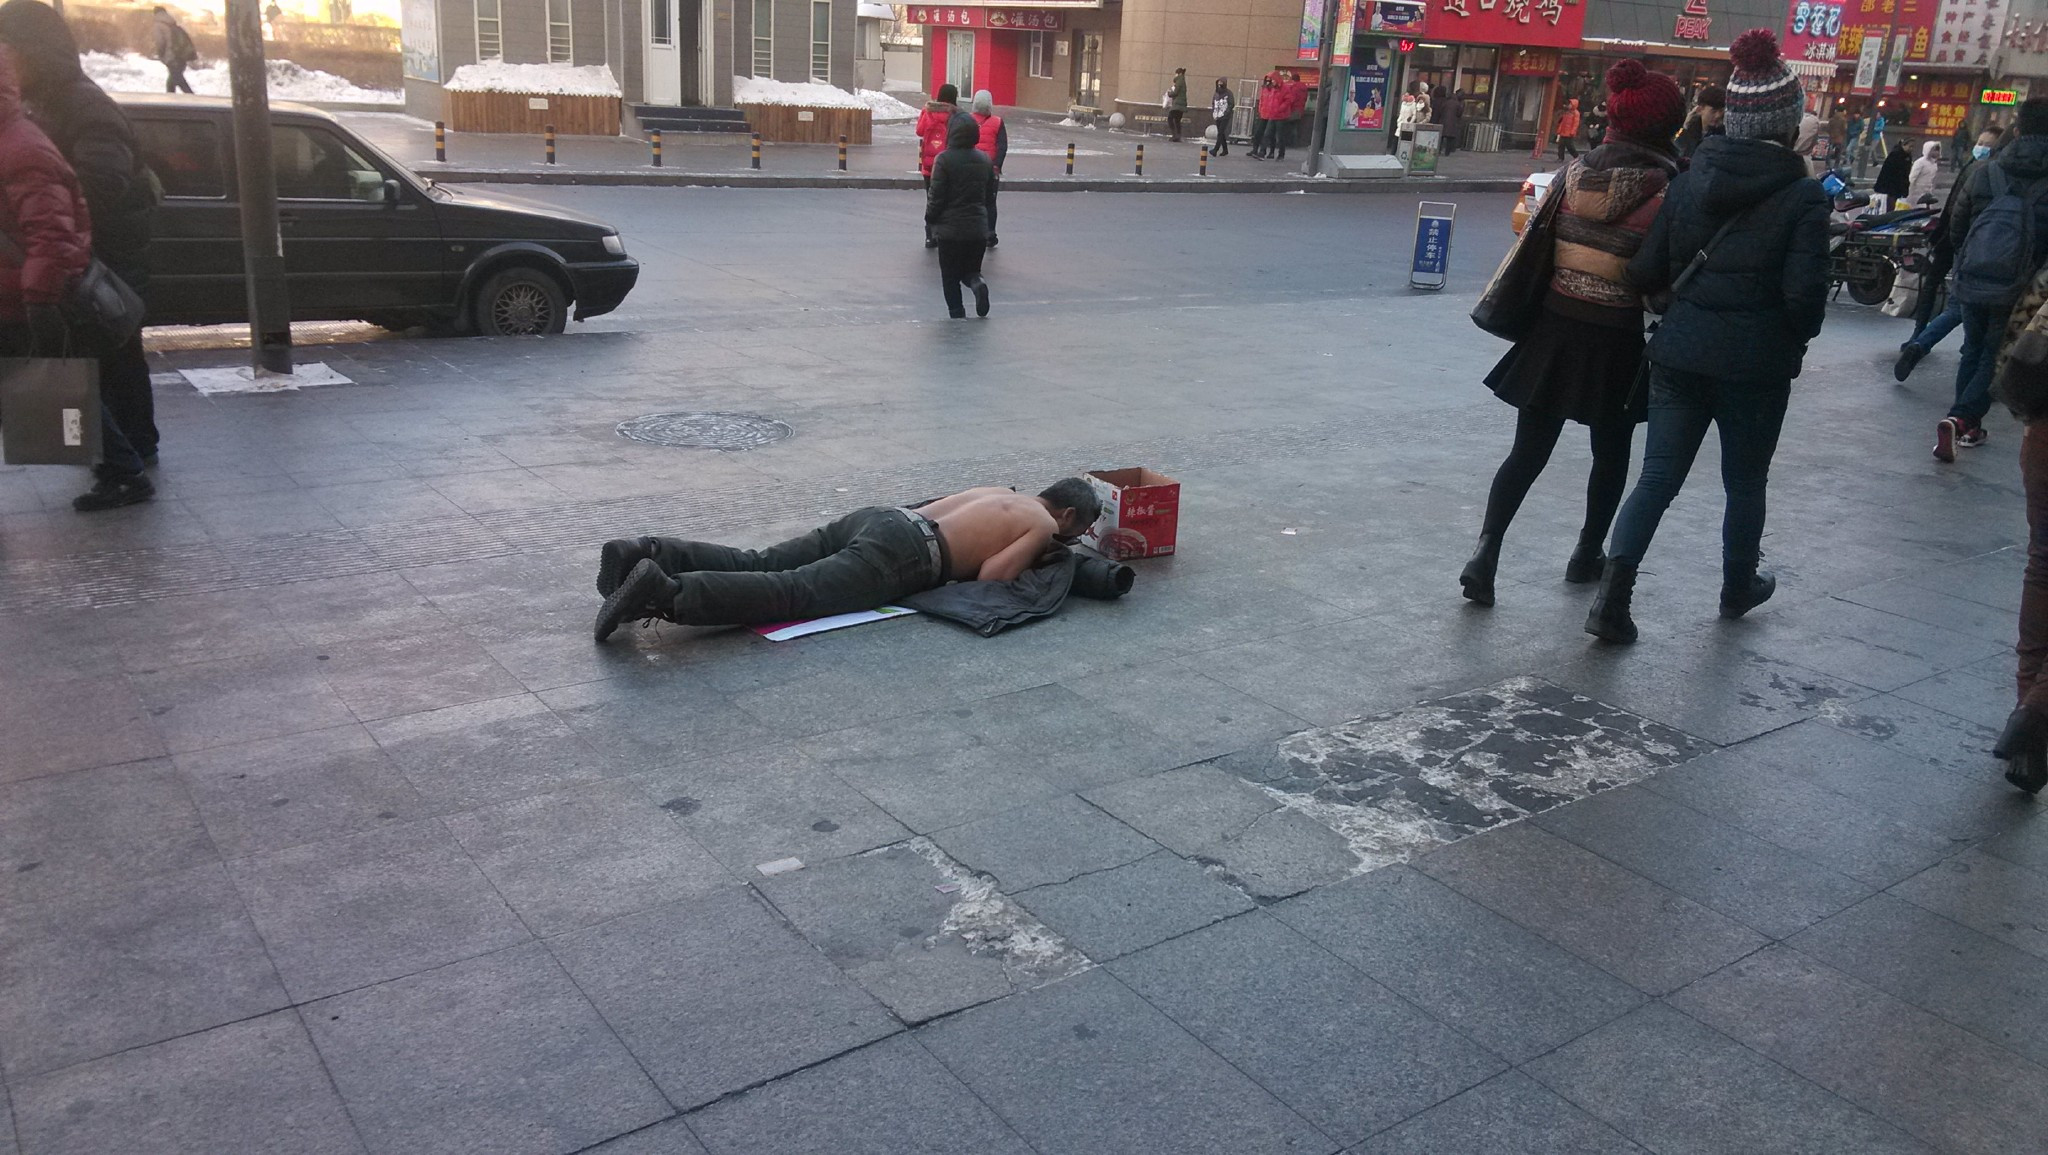 在街头遇到乞丐会施舍吗?他们可怜吗?国外一项调查刷新人们三观